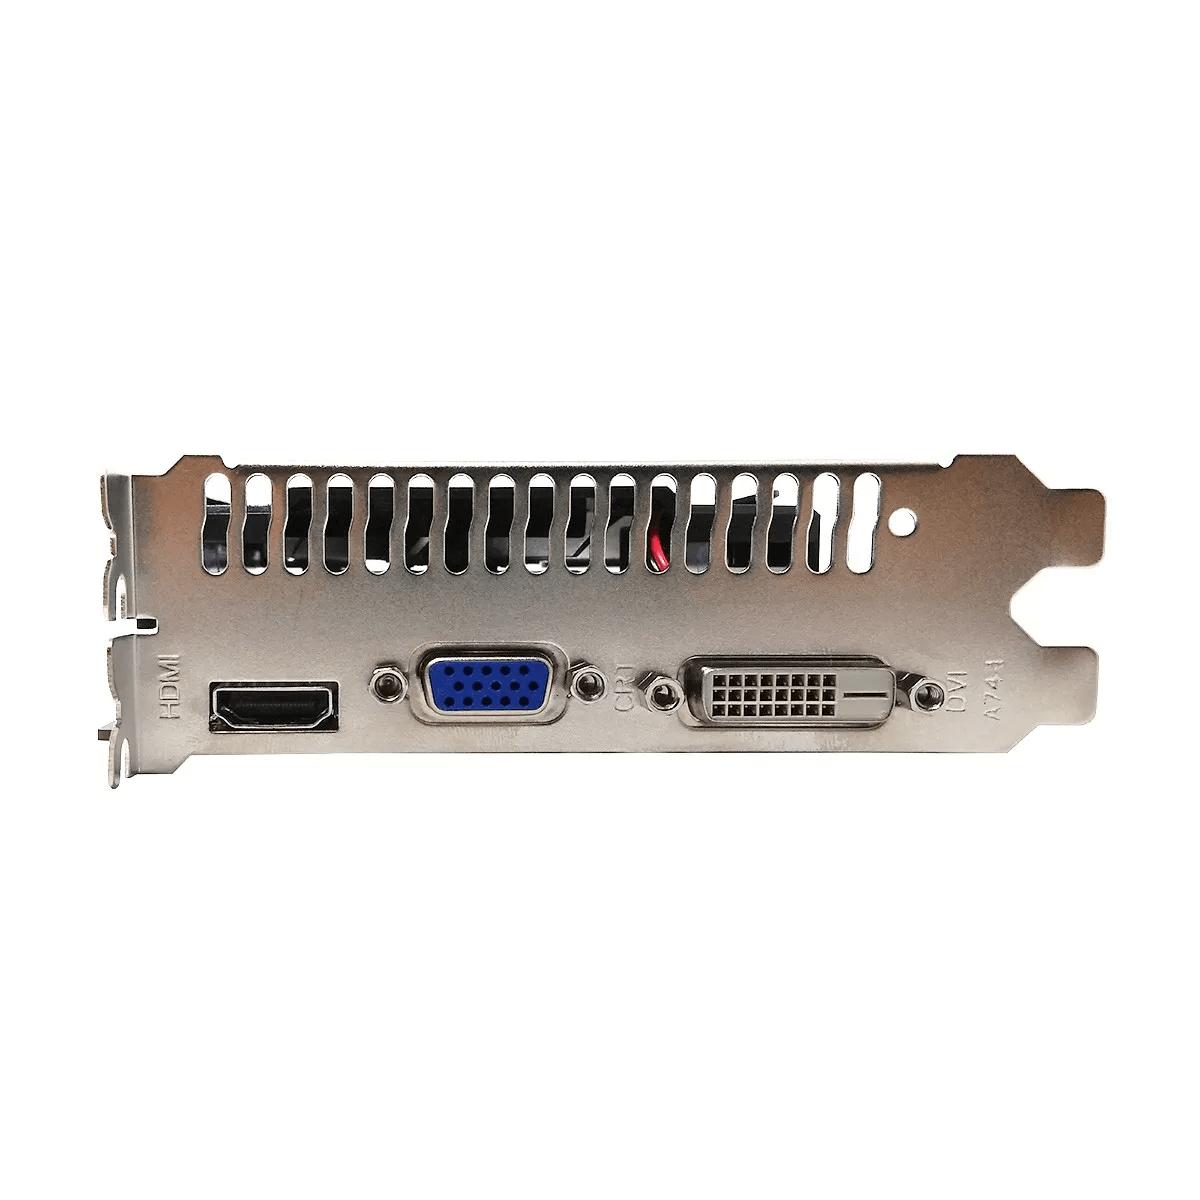 Placa de Vídeo Afox GTX 750 4GB GDDR5 128bit AF750-4096D5L4